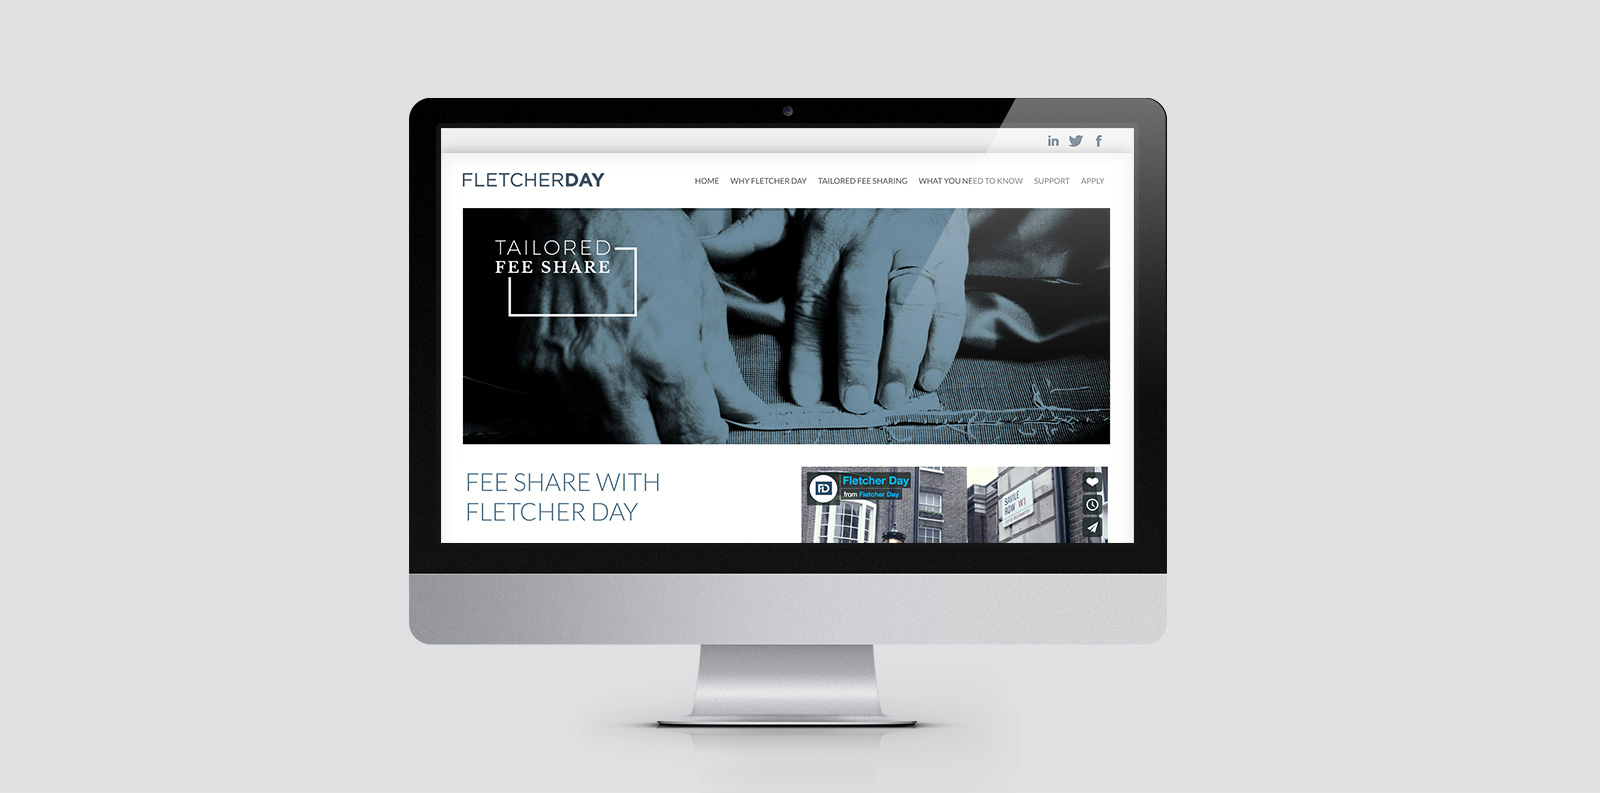 Fletcher Day Website Design